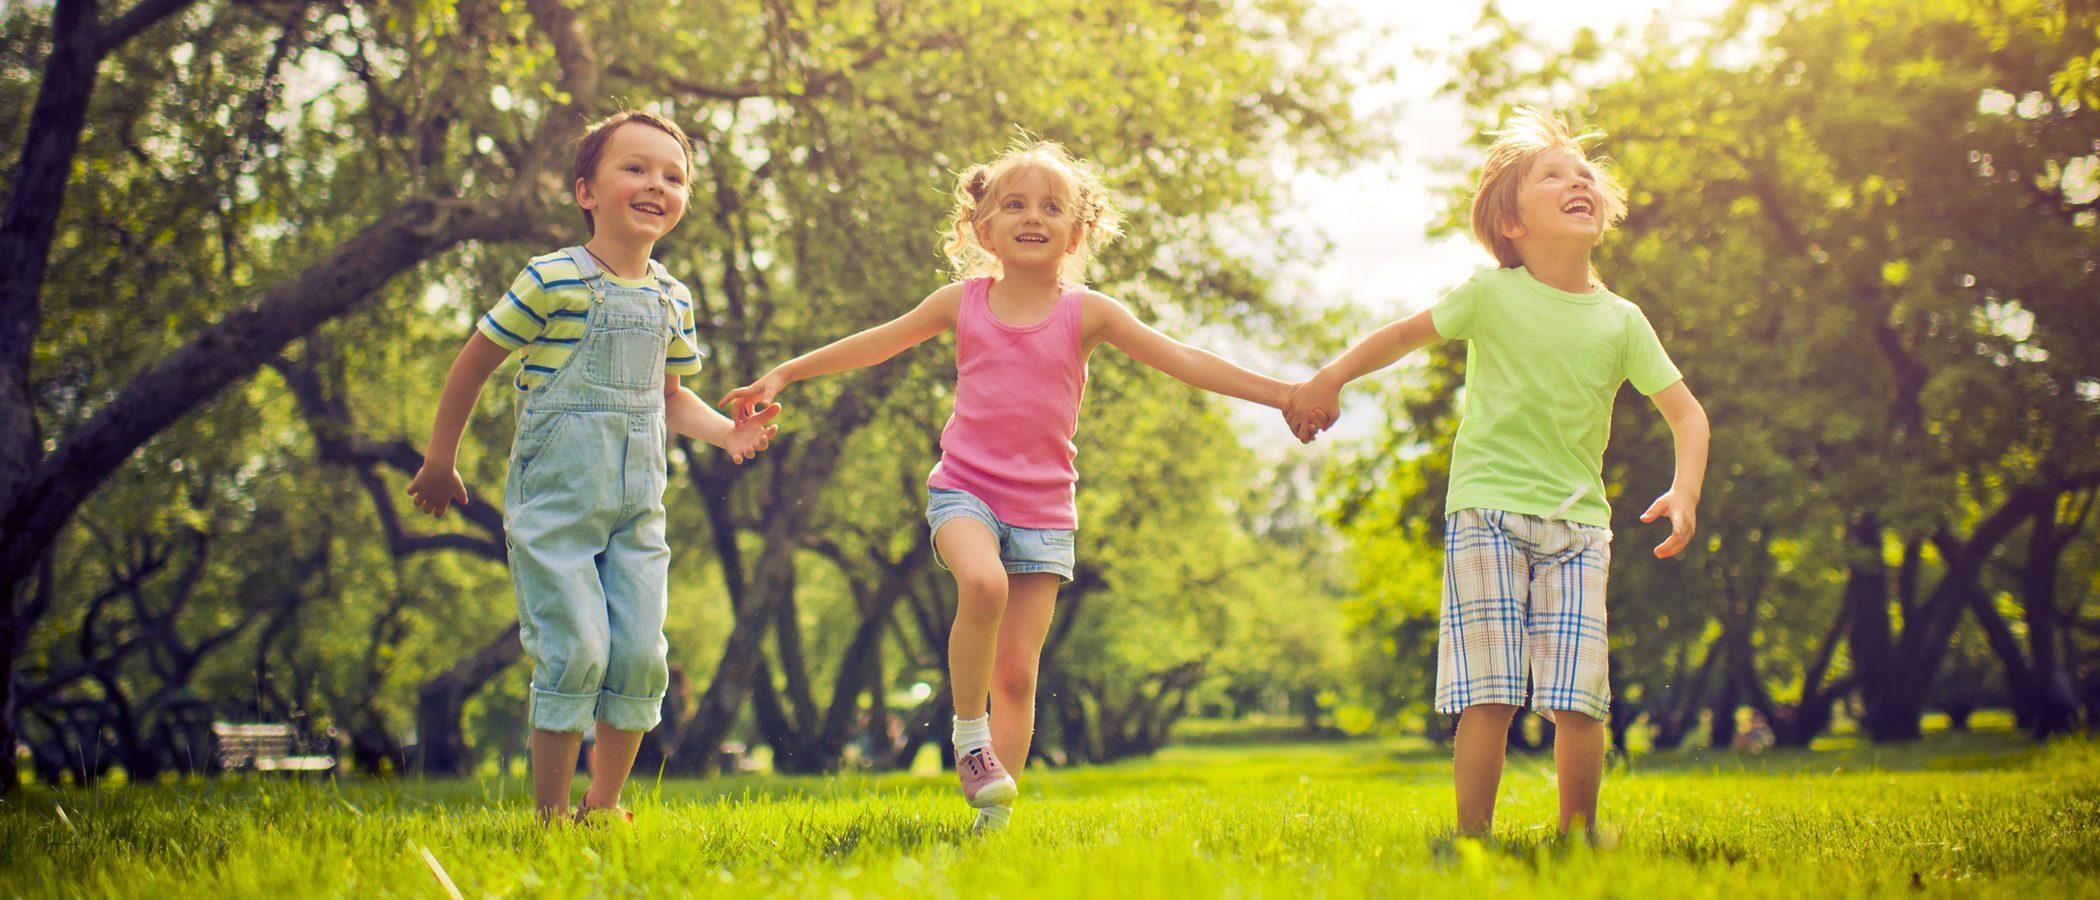 Cómo vestir a los niños para ir al parque en primavera